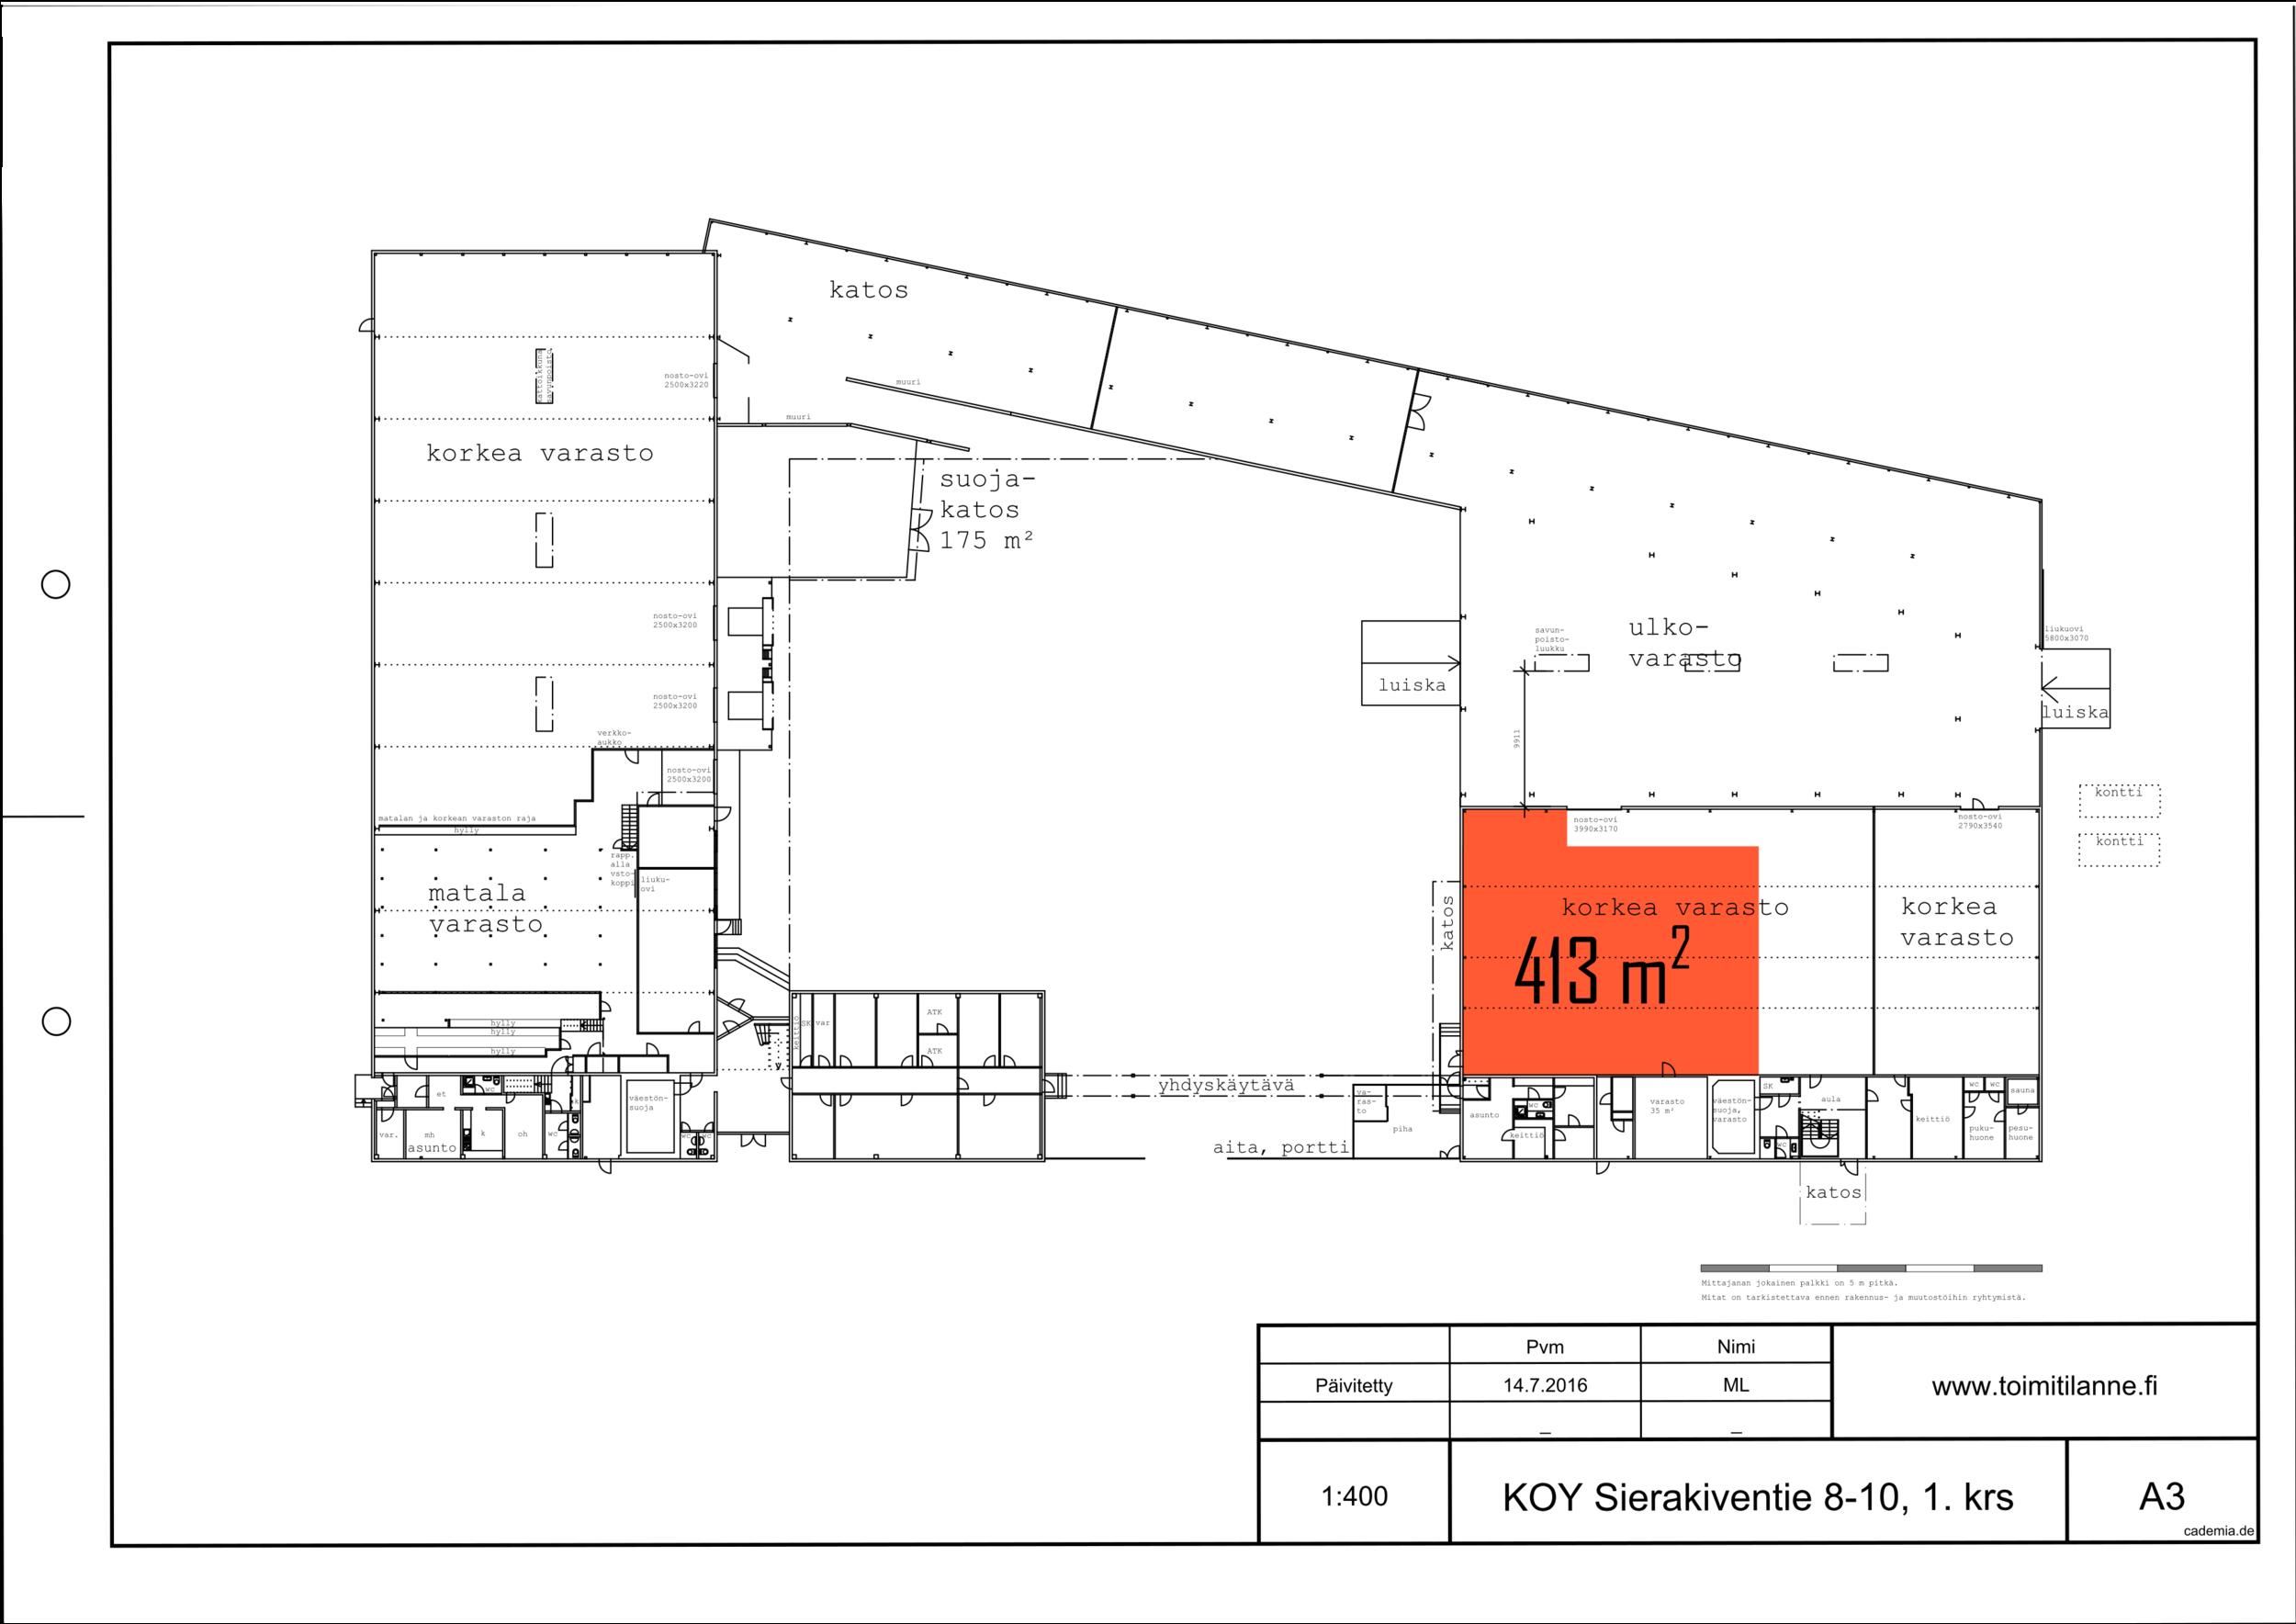 Toimitilanne Suomi, Espoo - Kauklahti, Sierakiventie 8-10, Varastotila 413 m²